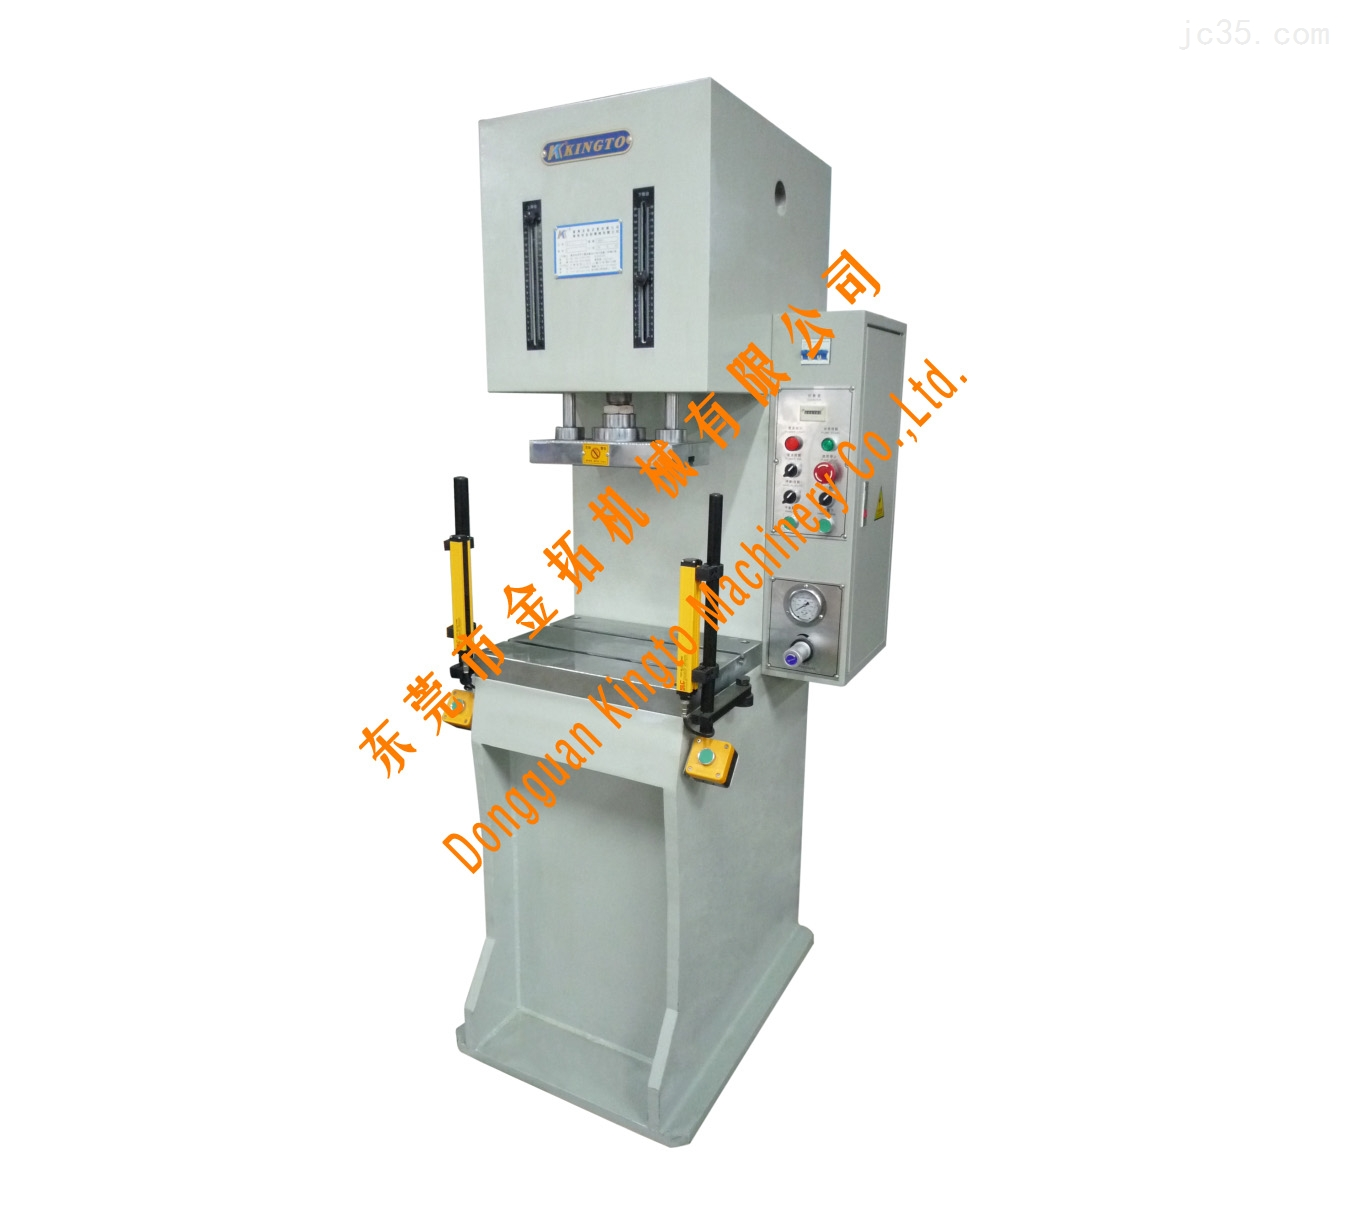 弓形油压机,弓形液压机,C形油压机